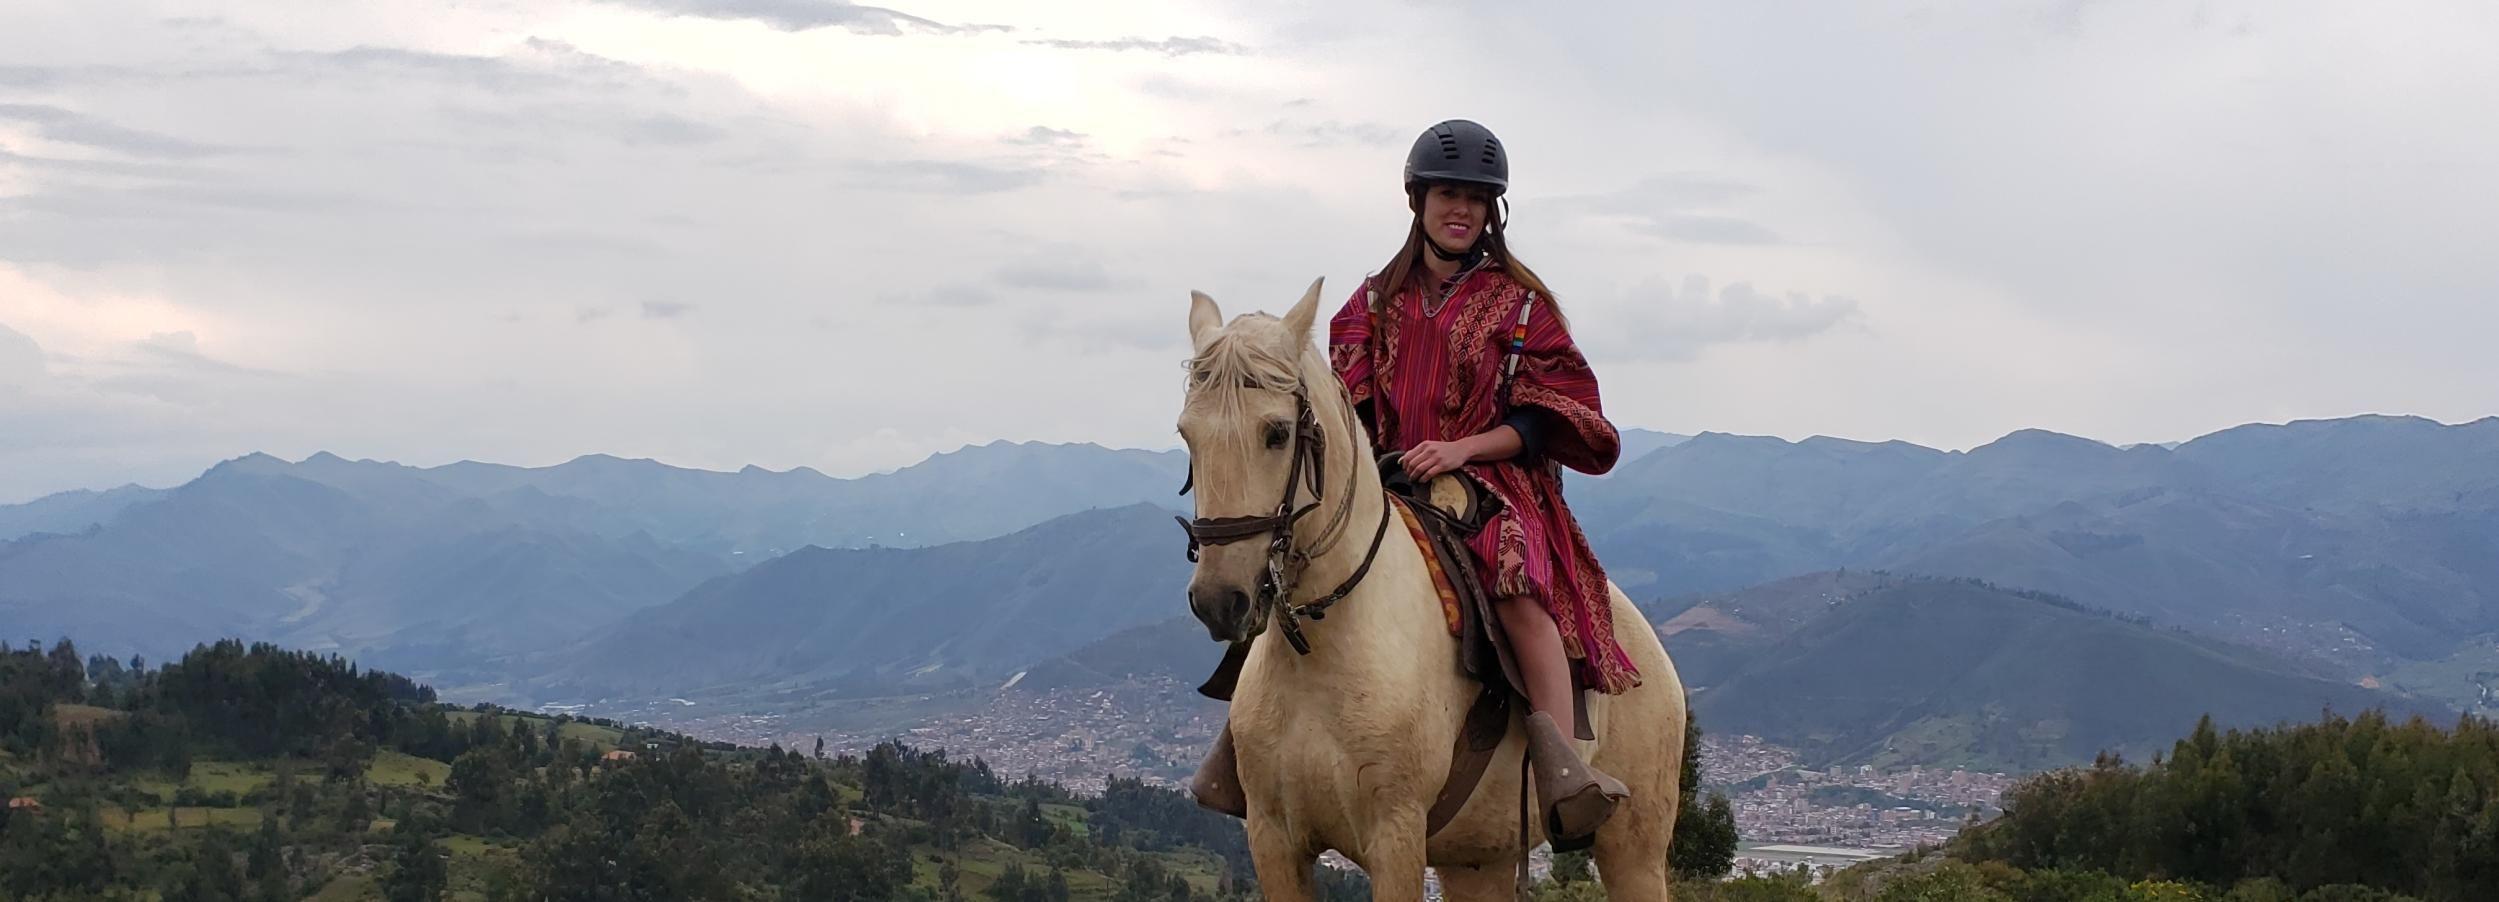 Cusco: Excursão a cavalo de dia inteiro a templos inca escondidos